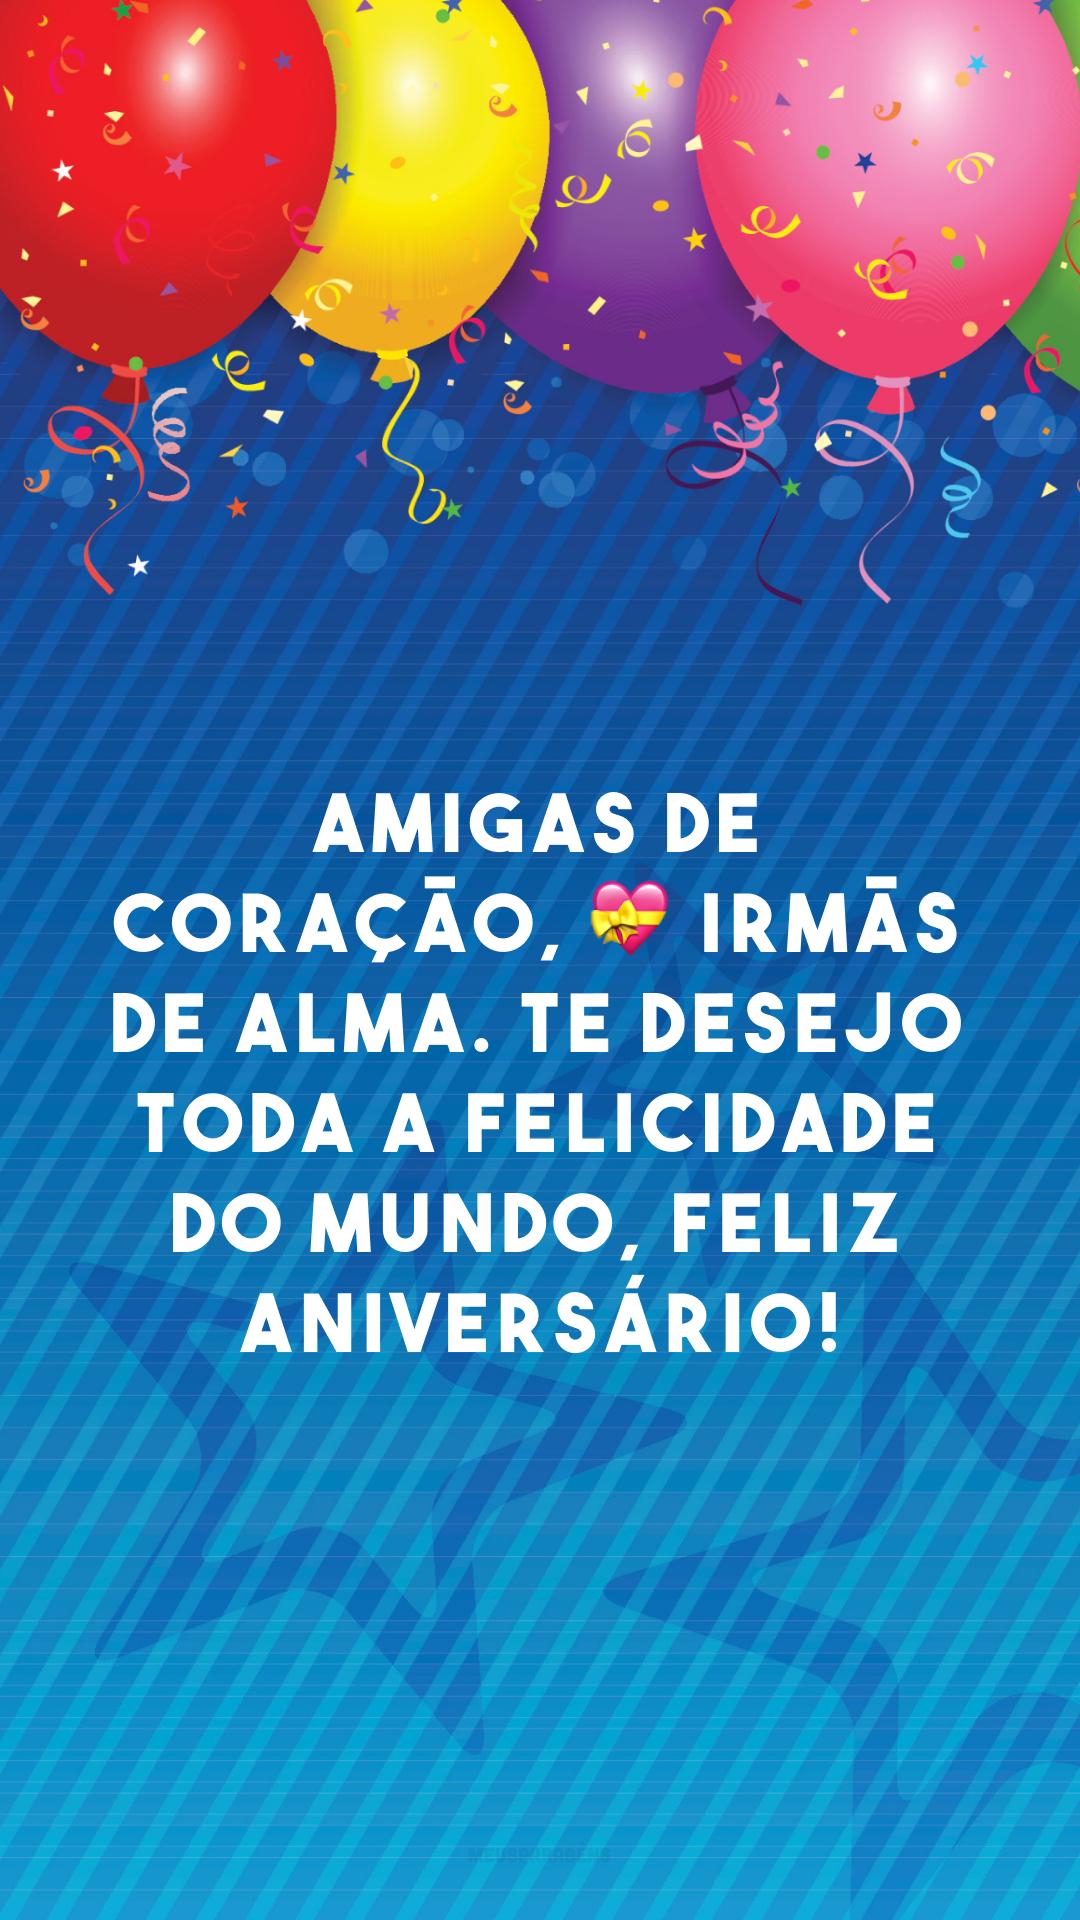 Amigas de coração, 💝 irmãs de alma. Te desejo toda a felicidade do mundo, feliz aniversário!